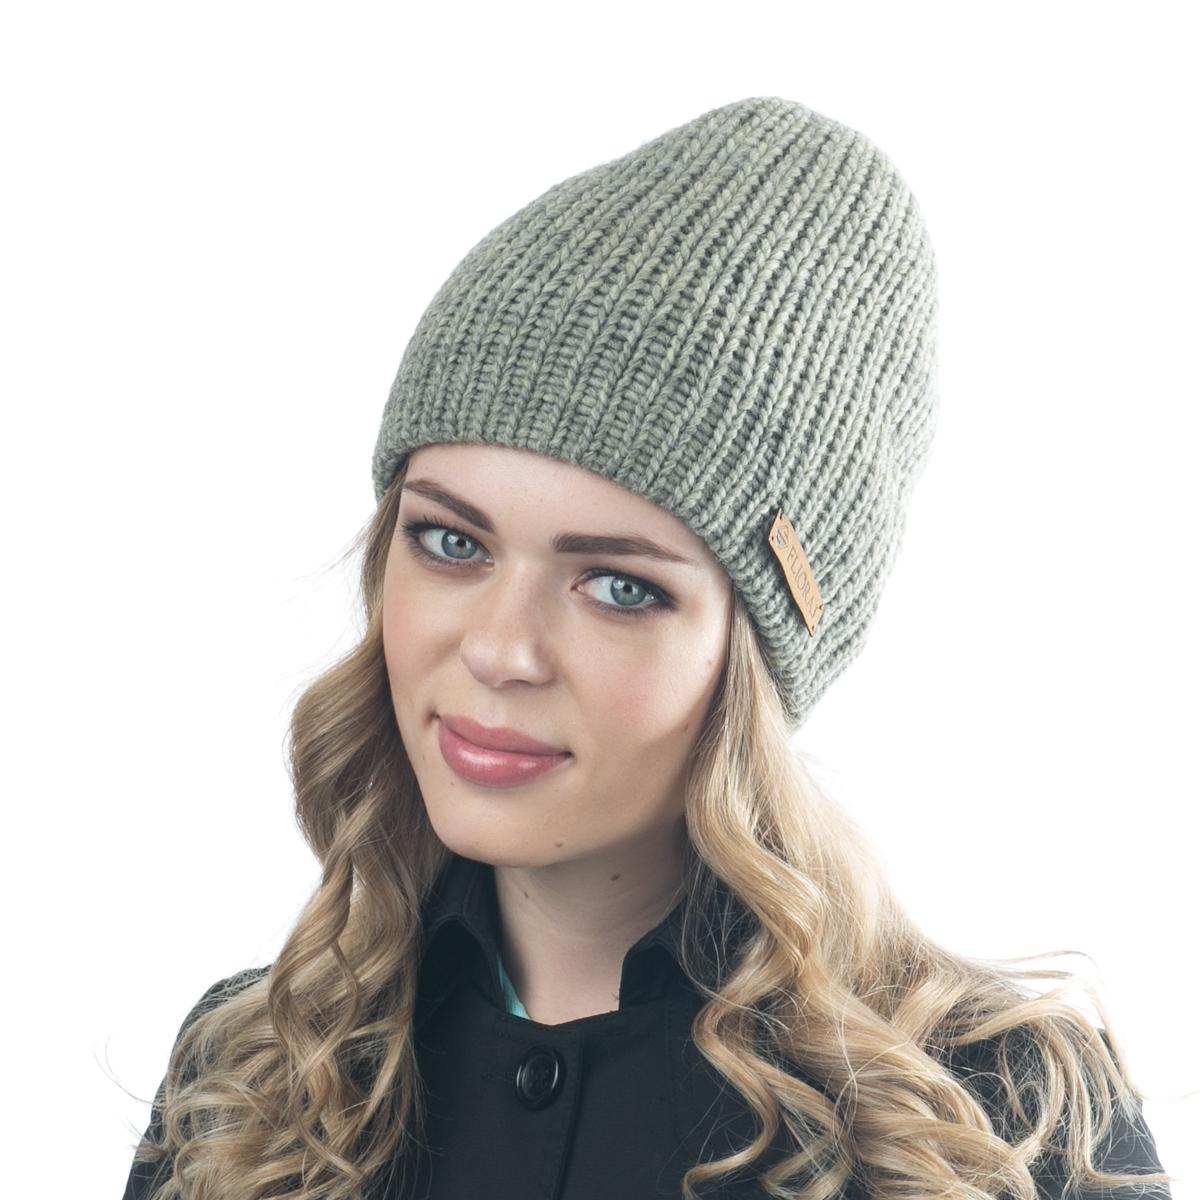 Шапка09FJТеплая двойная шапка Flioraj выполнена из объемной итальянской пряжи. Пряжа из овечьей шерсти и шерсти горной альпаки с добавлением полиакрила и вискозы делает изделие мягким, теплым, комфортным. Уважаемые клиенты! Размер, доступный для заказа, является обхватом головы.